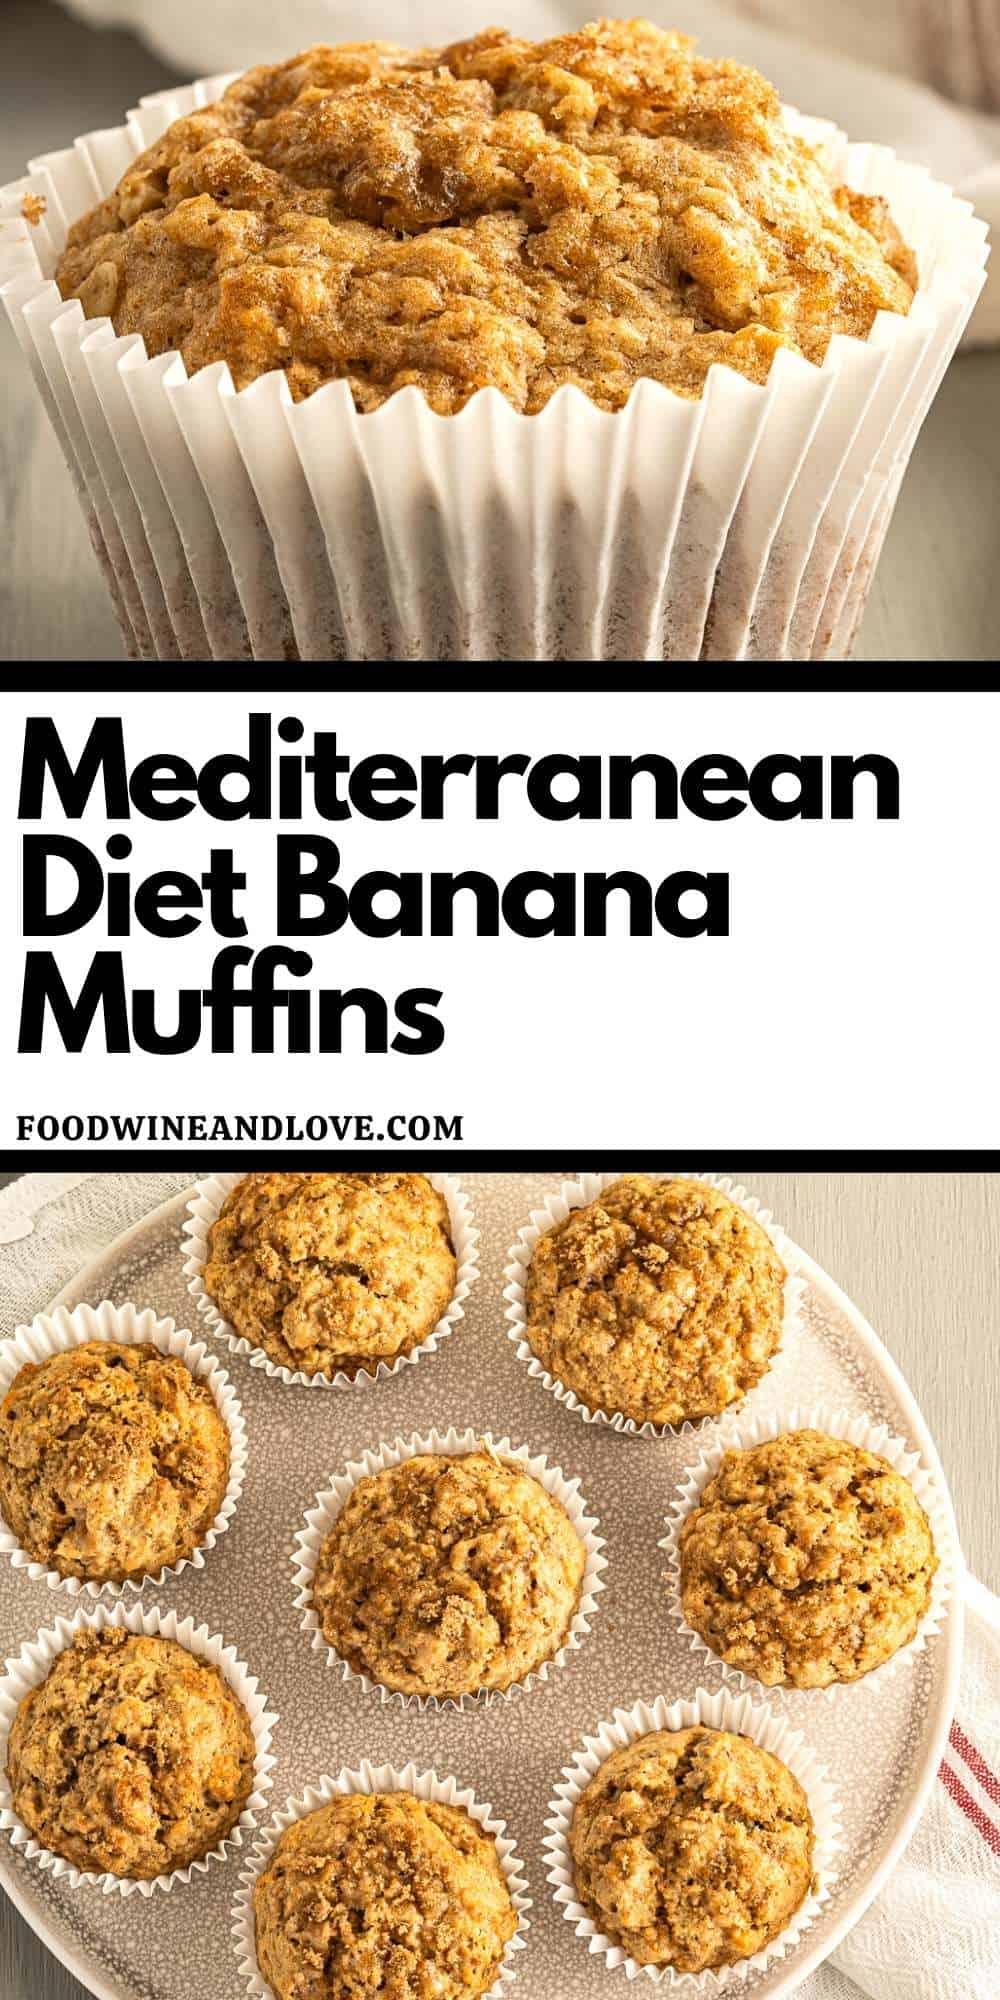 Mediterranean Diet Banana Muffins